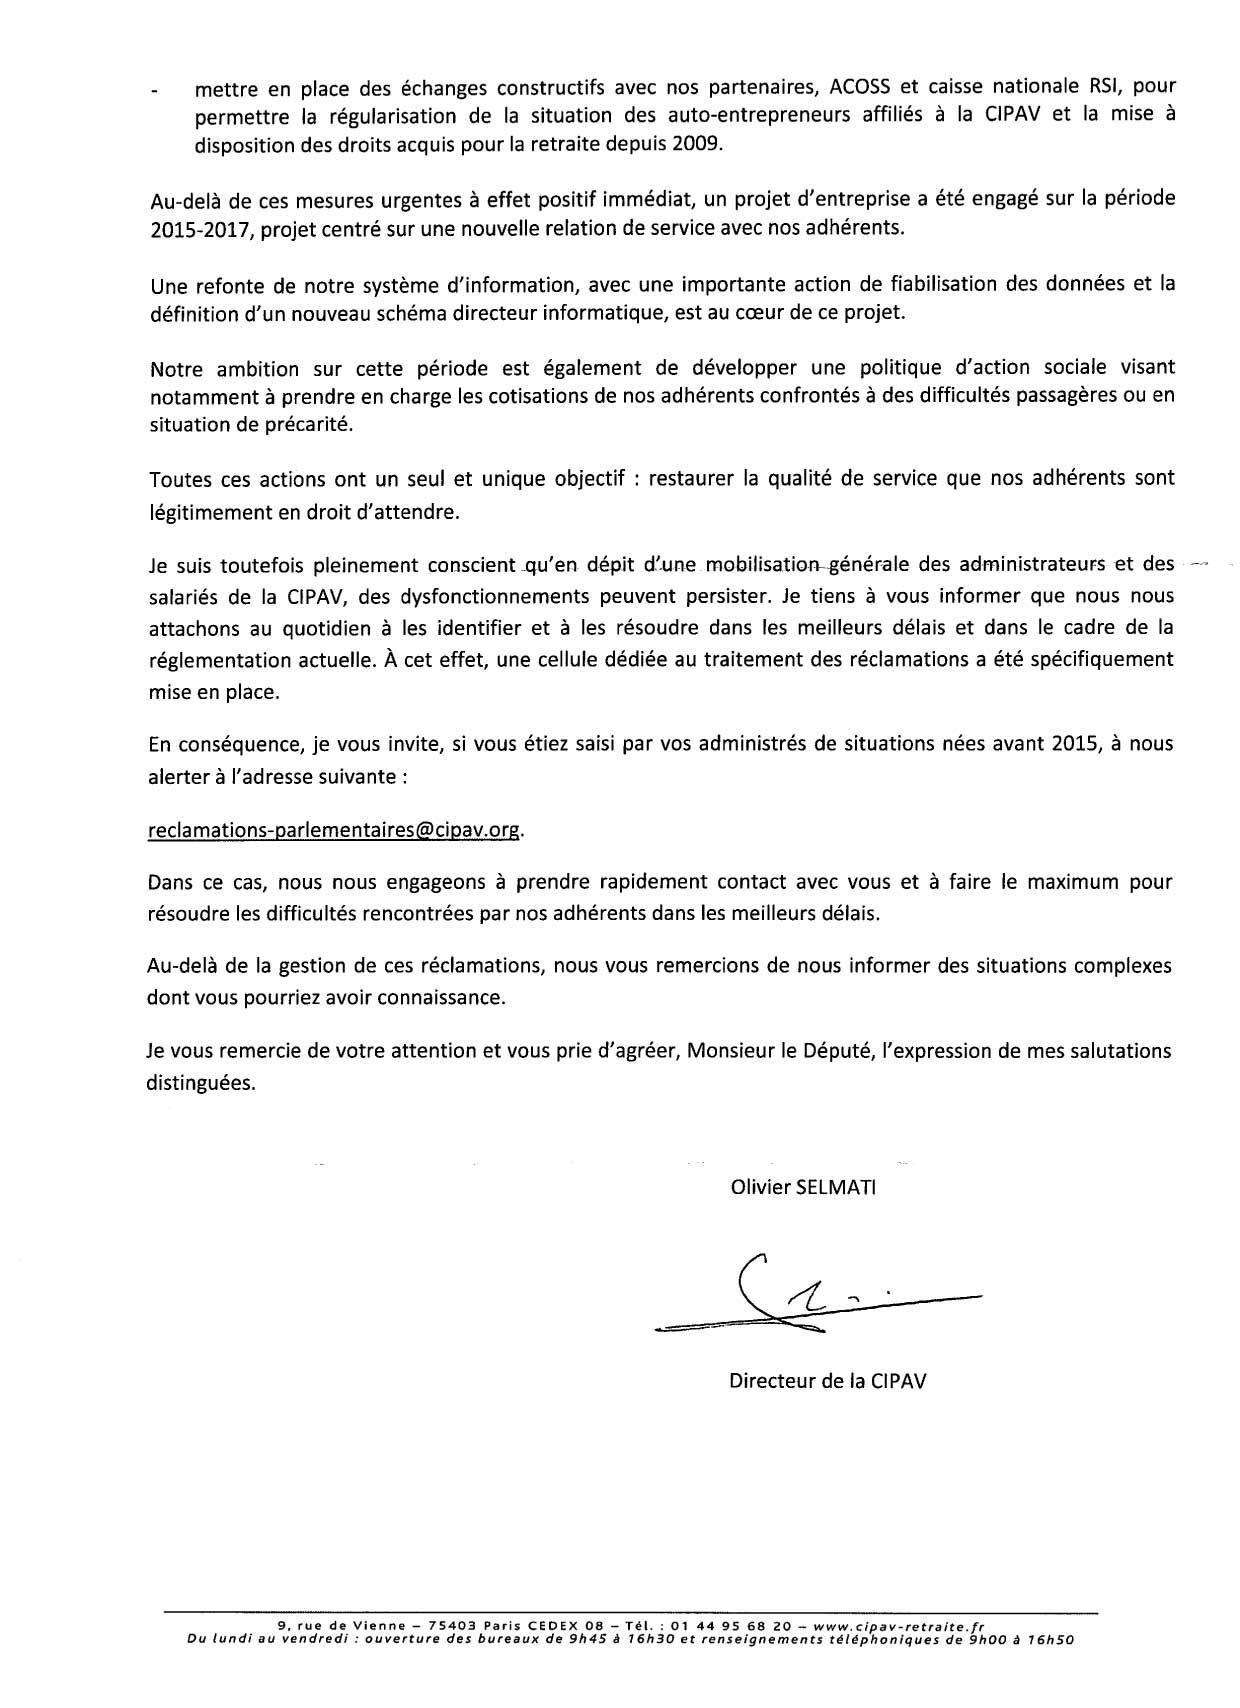 lettre du directeur de la cipav aux d u00e9put u00e9s et s u00e9nateurs